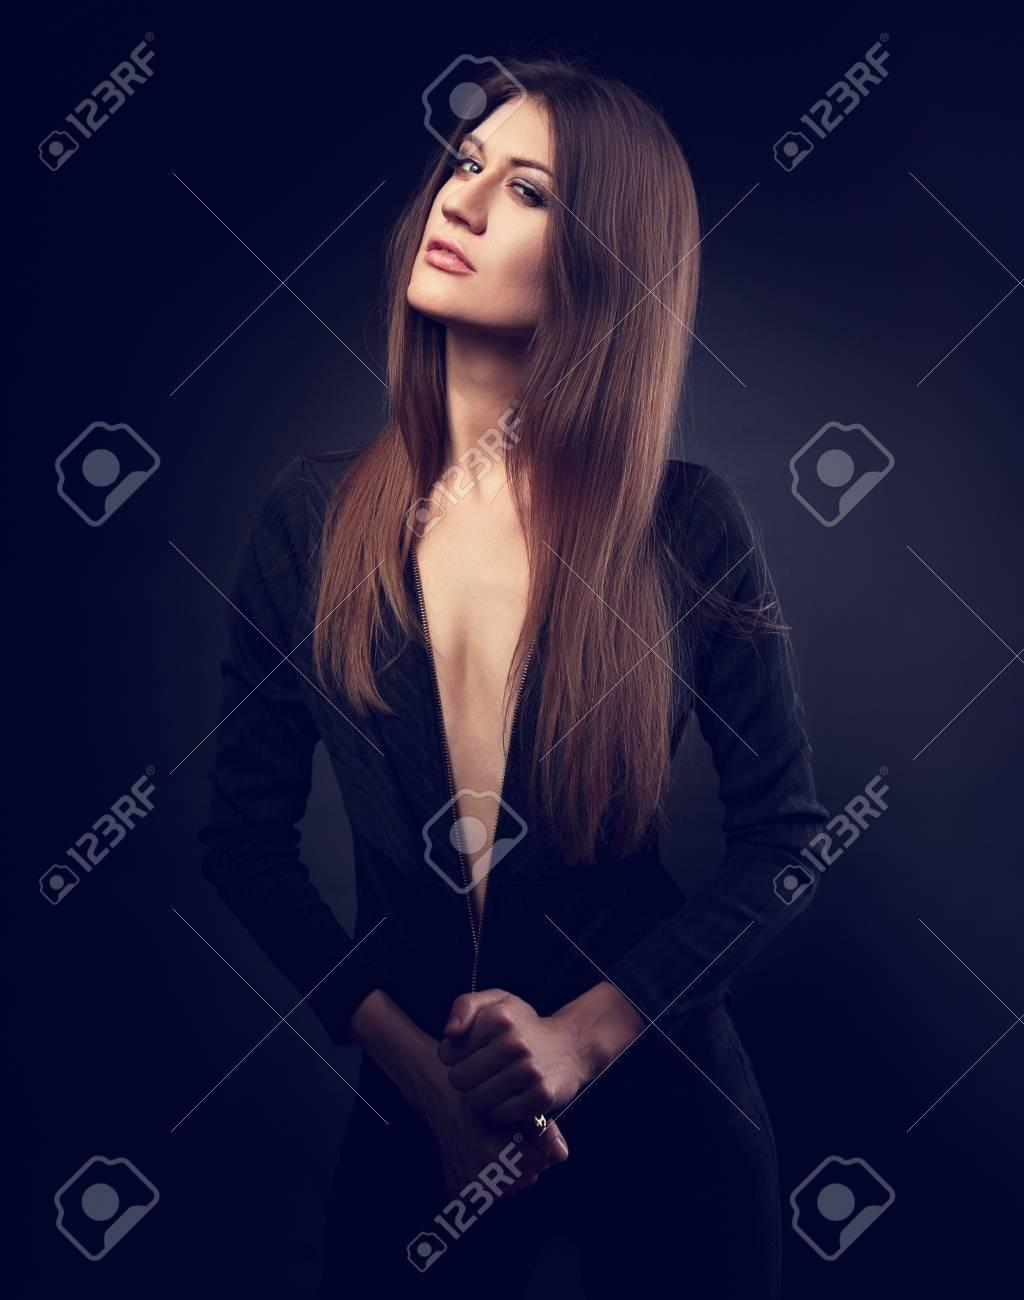 Sexy Dünnes Modell Das In Der Schwarzen Jacke Mit Langer Stright